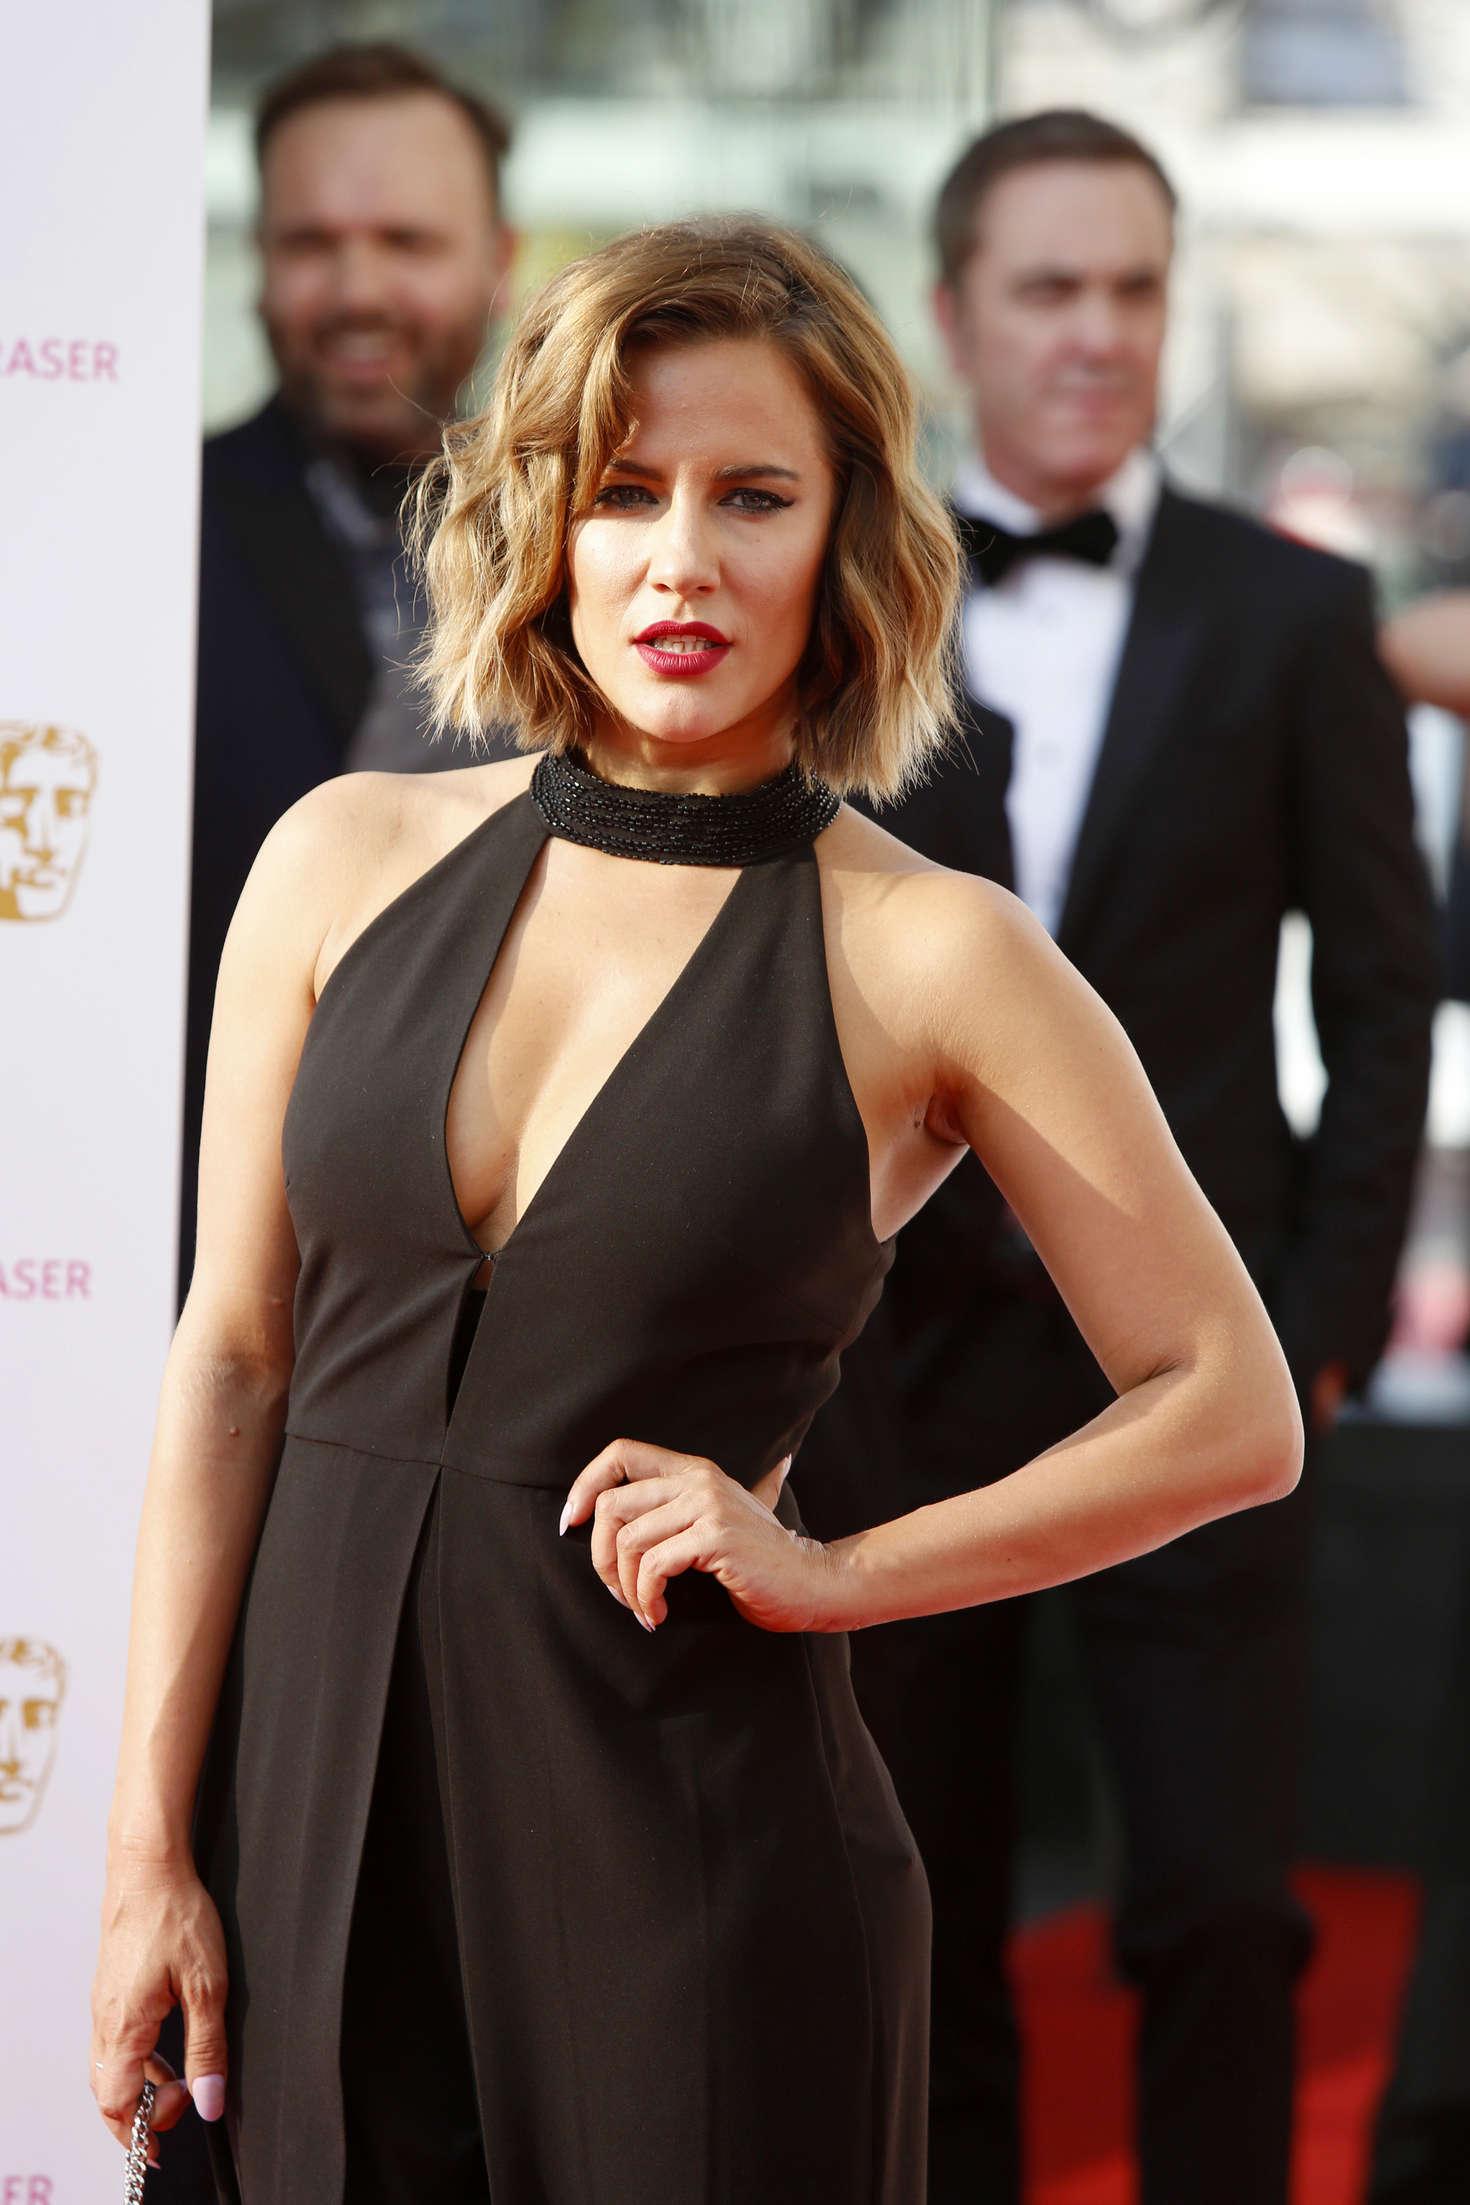 Caroline Flack BAFTA TV Awards in London